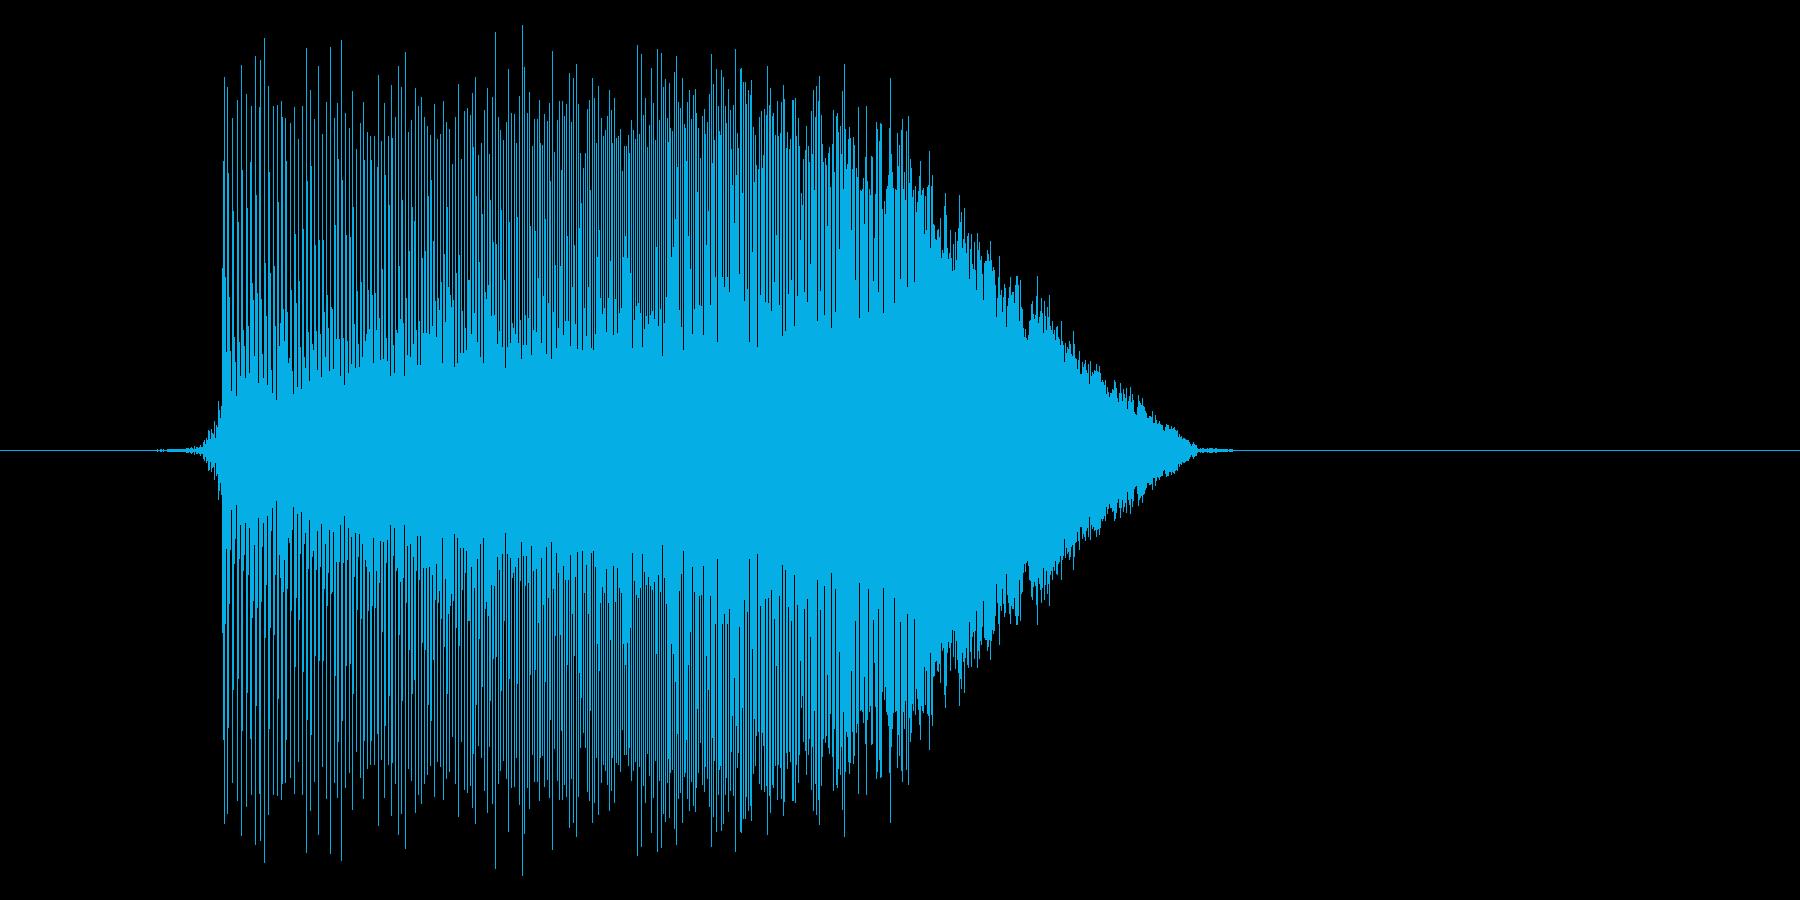 ゲーム(ファミコン風)ジャンプ音_009の再生済みの波形